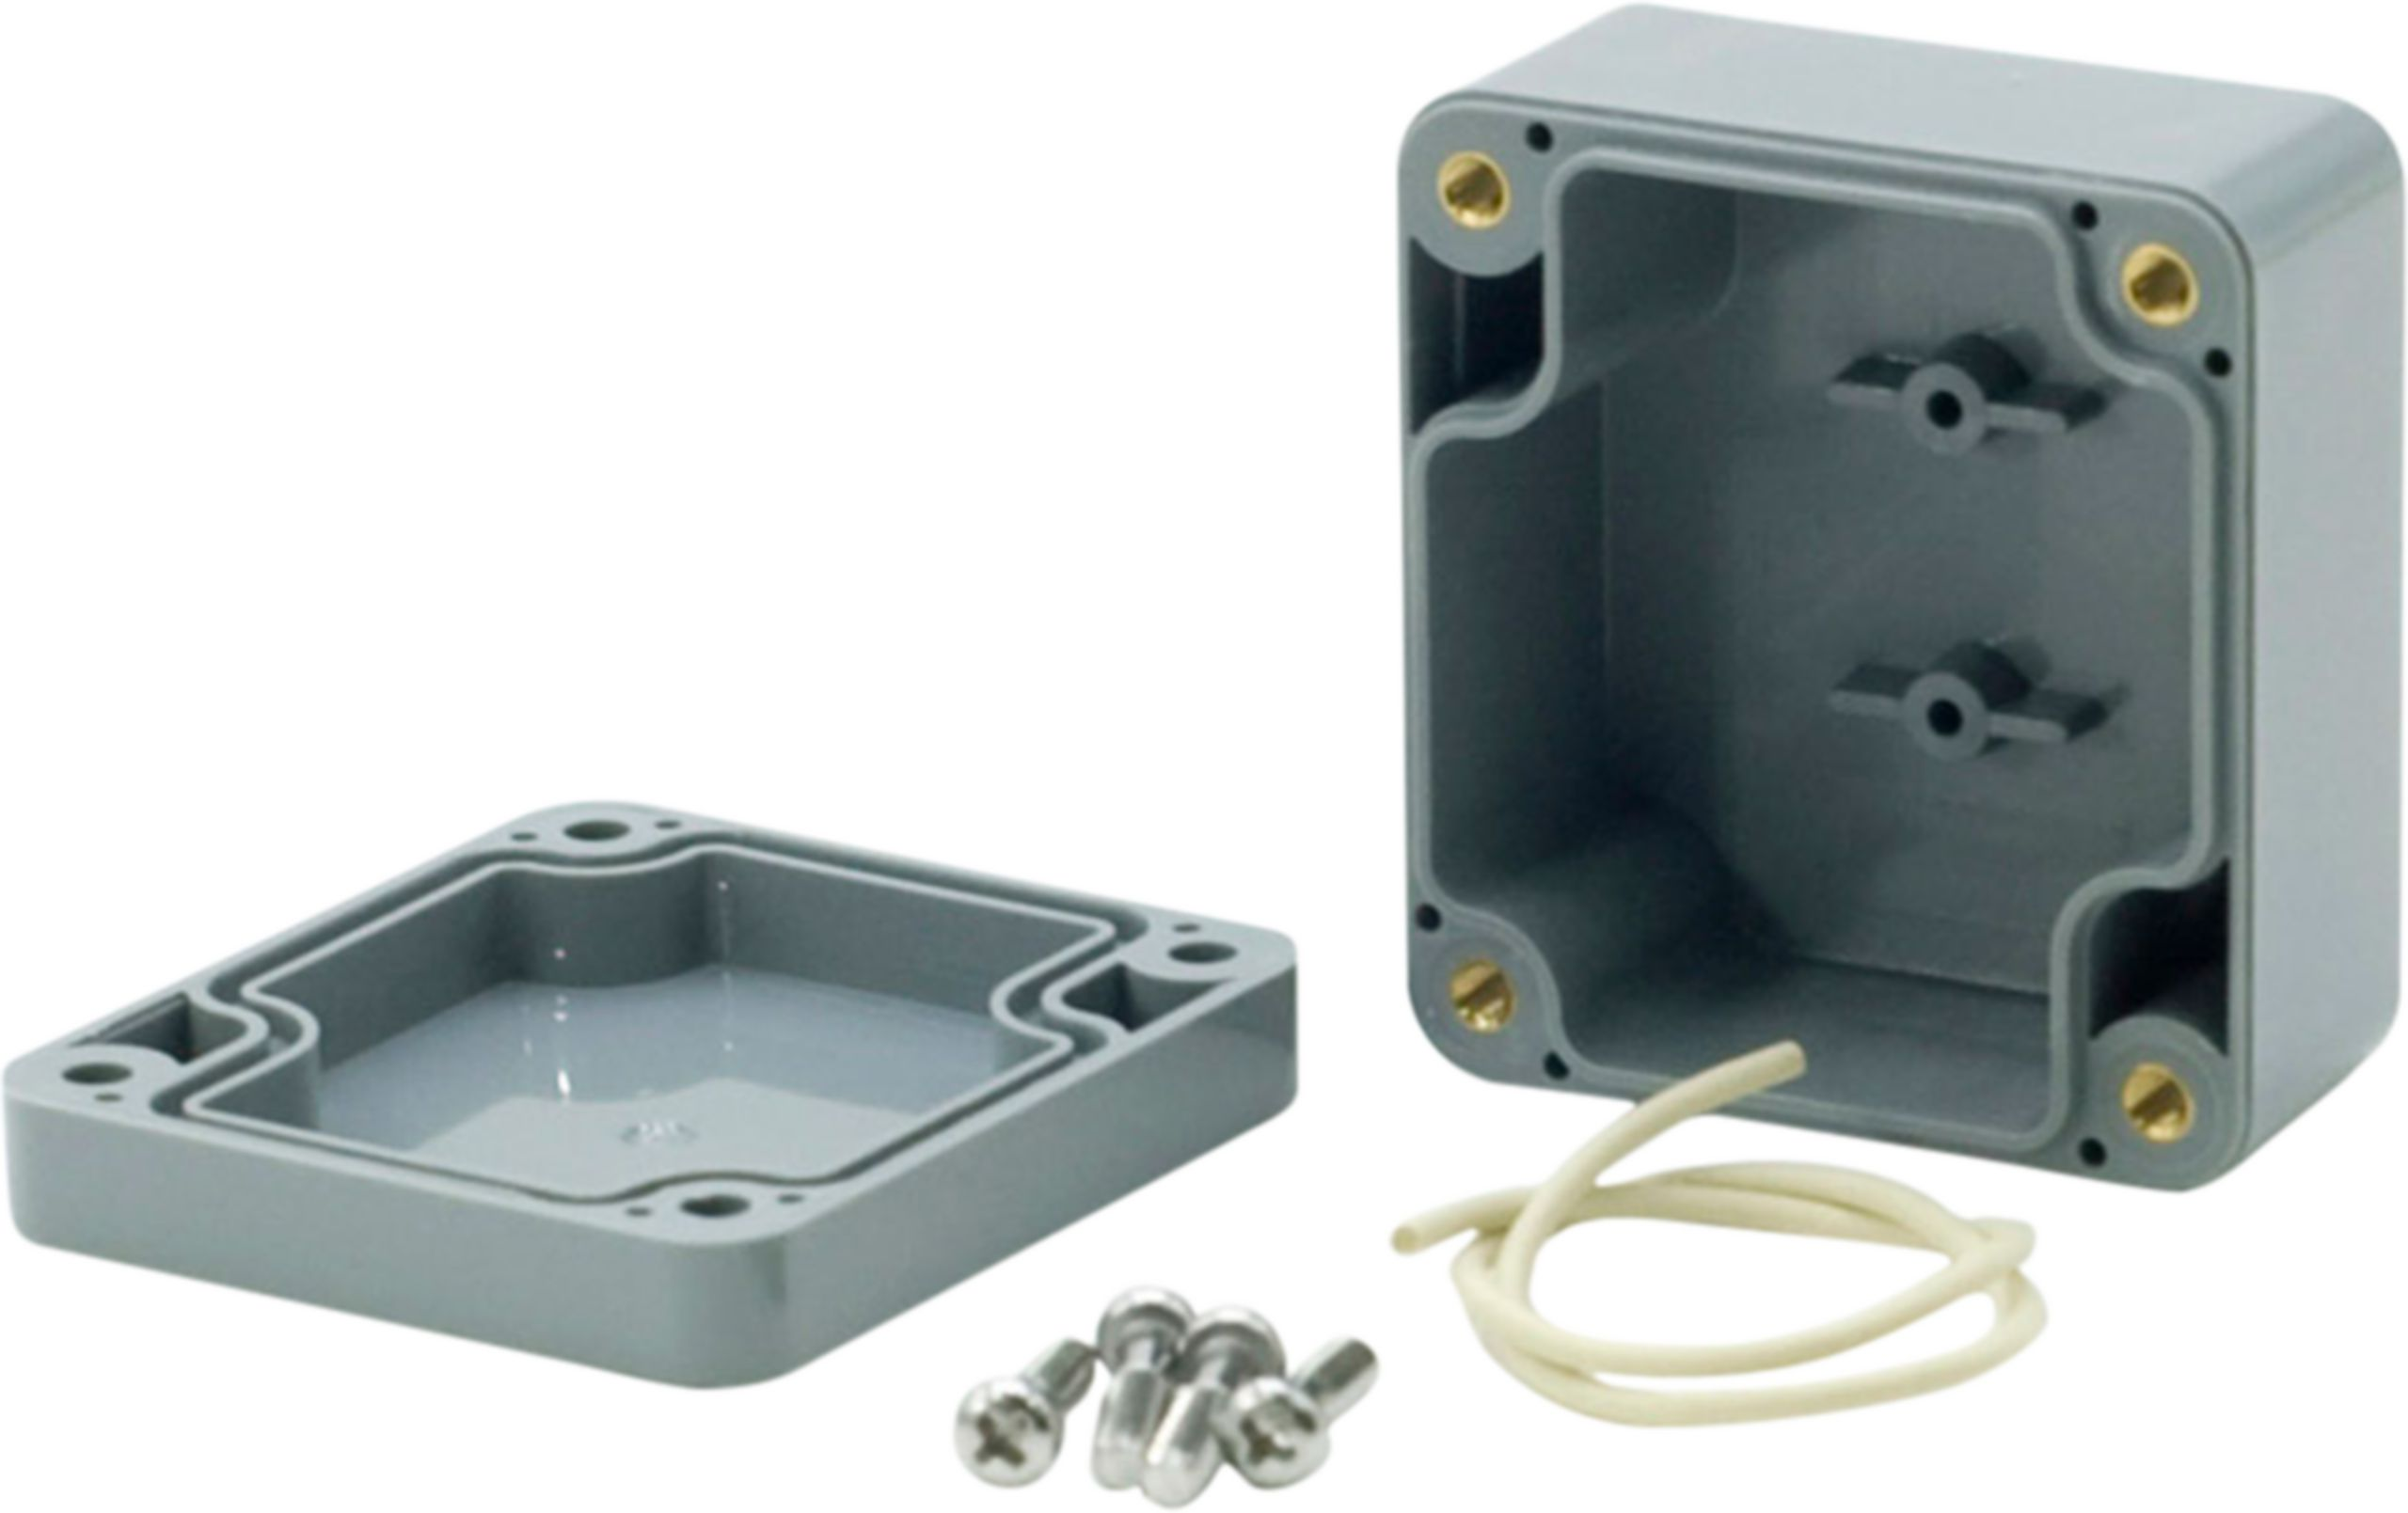 Krabička ABS plast, IP 65, tmavě šedá 52 x 50 x 35 mm